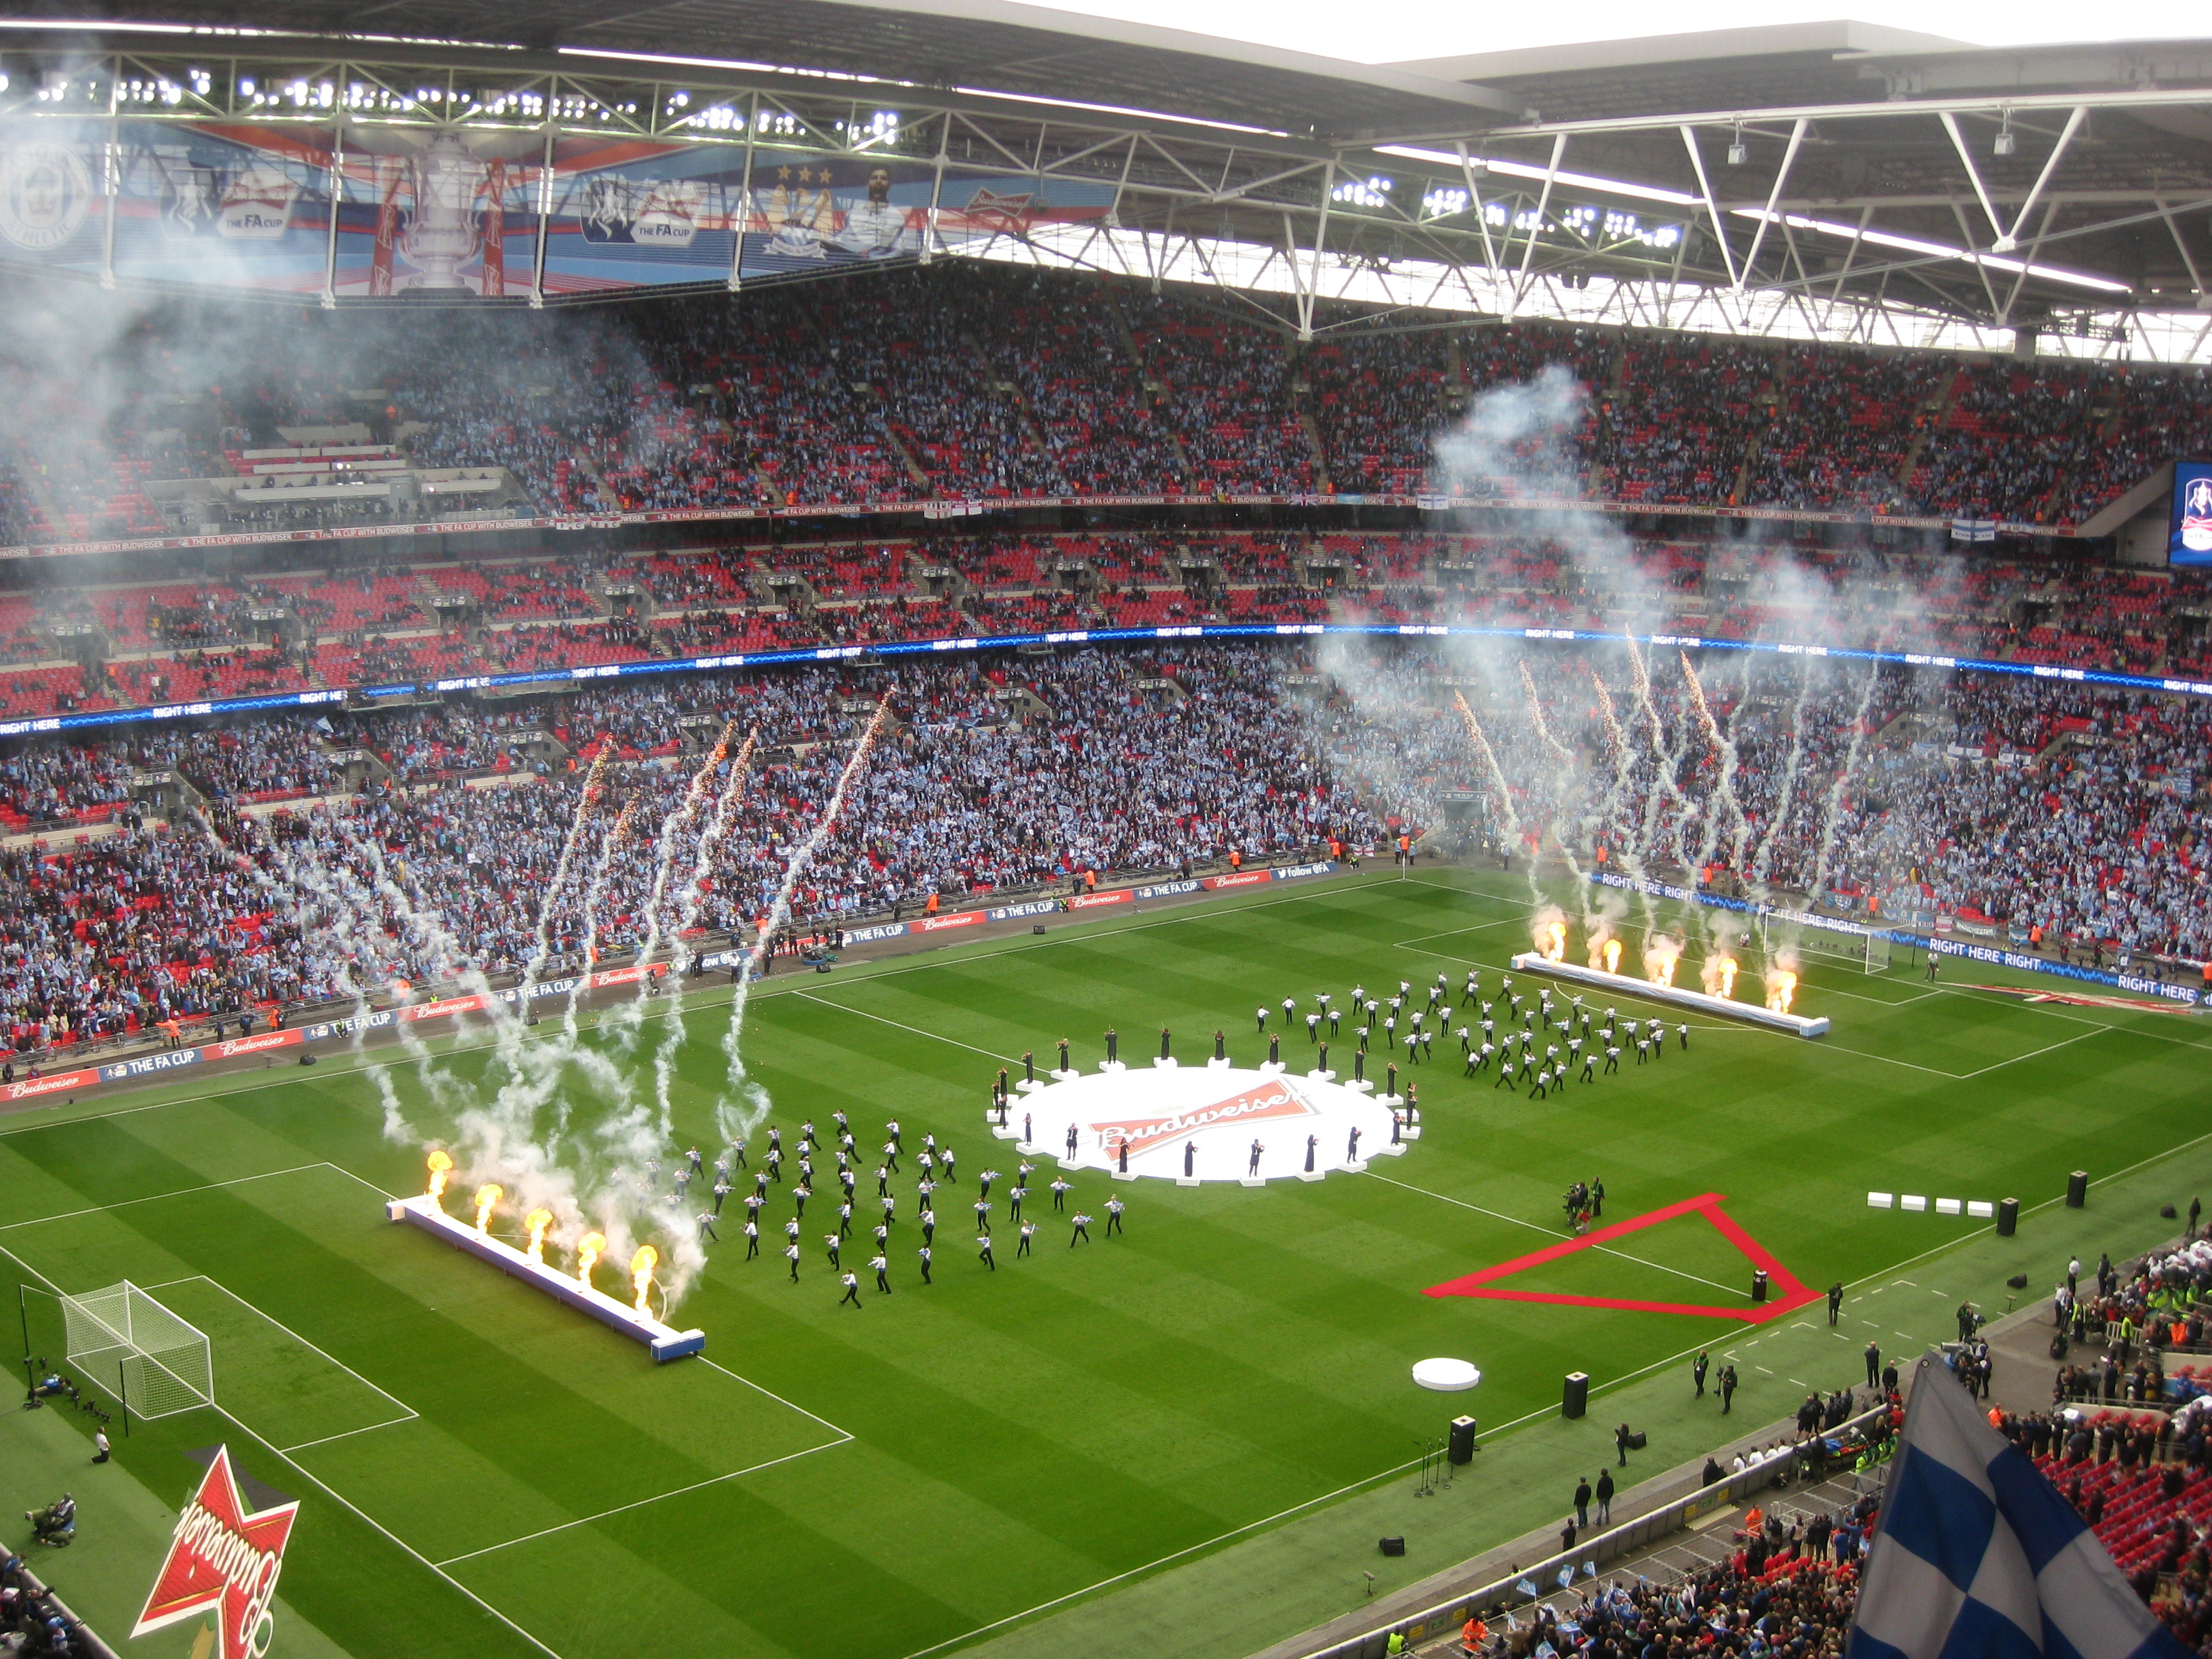 mapa inglaterra wembley Guía para visitar los estadios de fútbol del Reino Unido  mapa inglaterra wembley